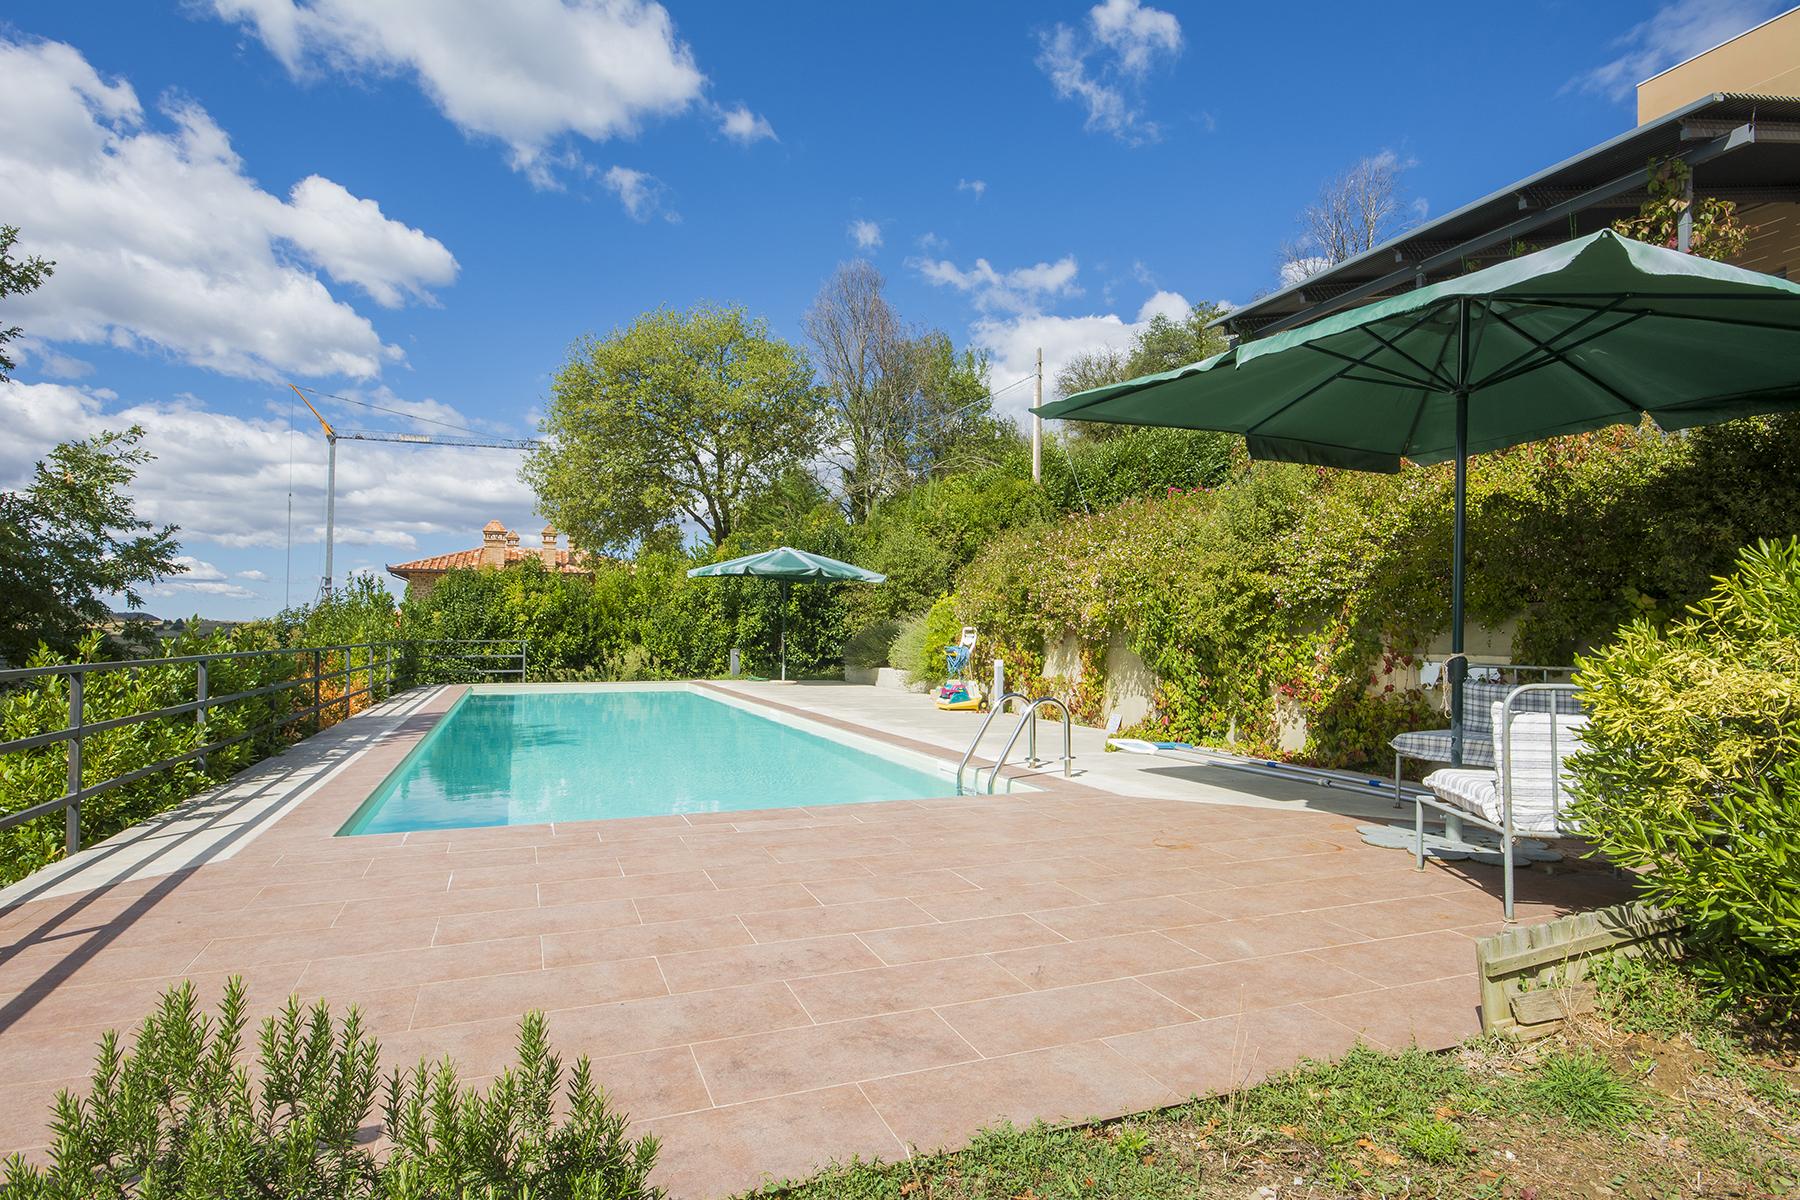 Casa indipendente in Vendita a Lisciano Niccone: 5 locali, 414 mq - Foto 12